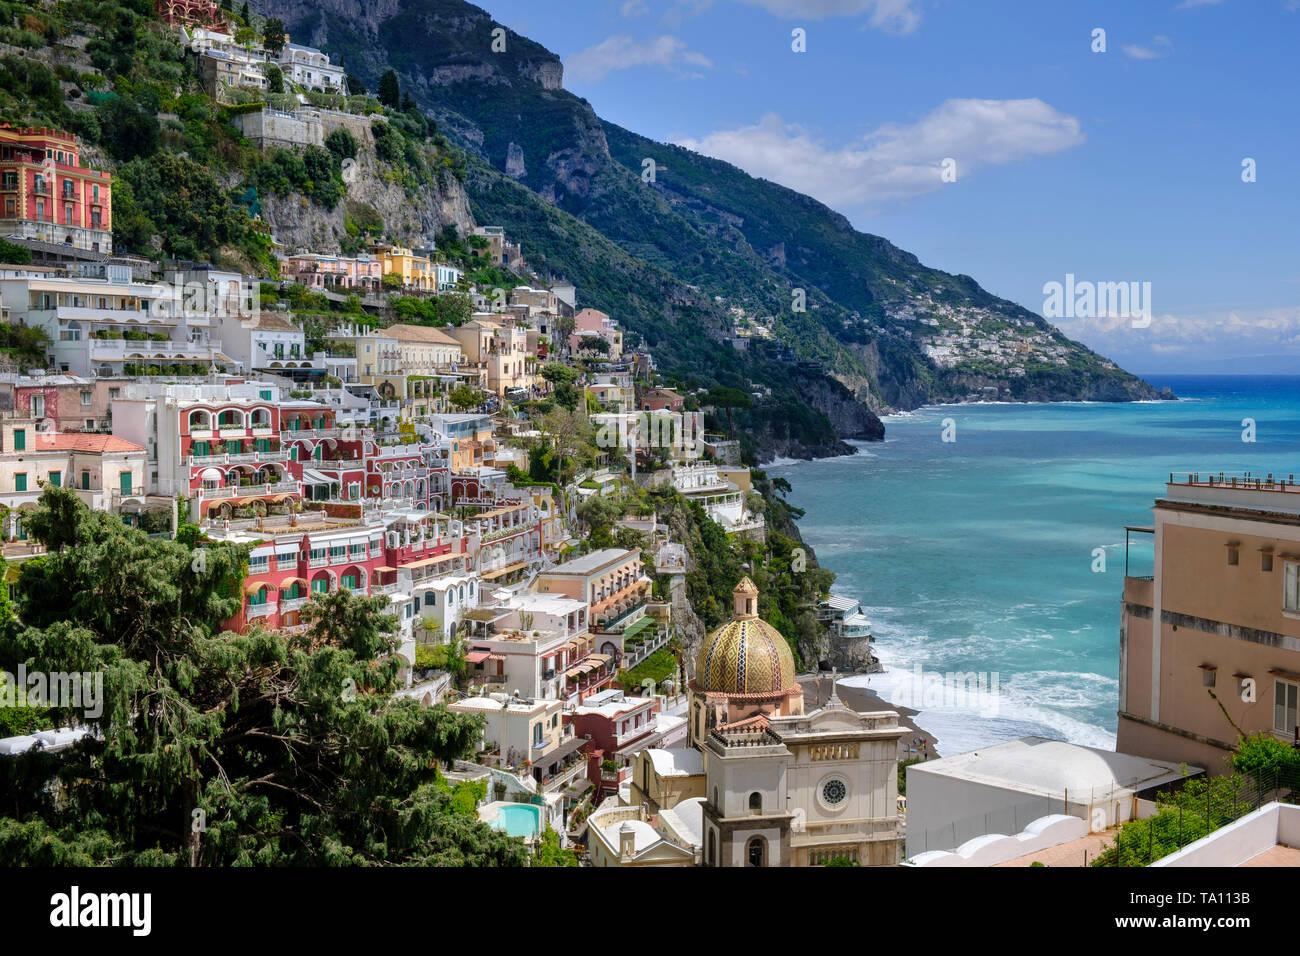 Positano beliebter Urlaubsort an der Amalfiküste in Kampanien in Süditalien. Kuppel der Kathedrale Santa Maria Assunta im Vordergrund. Stockbild